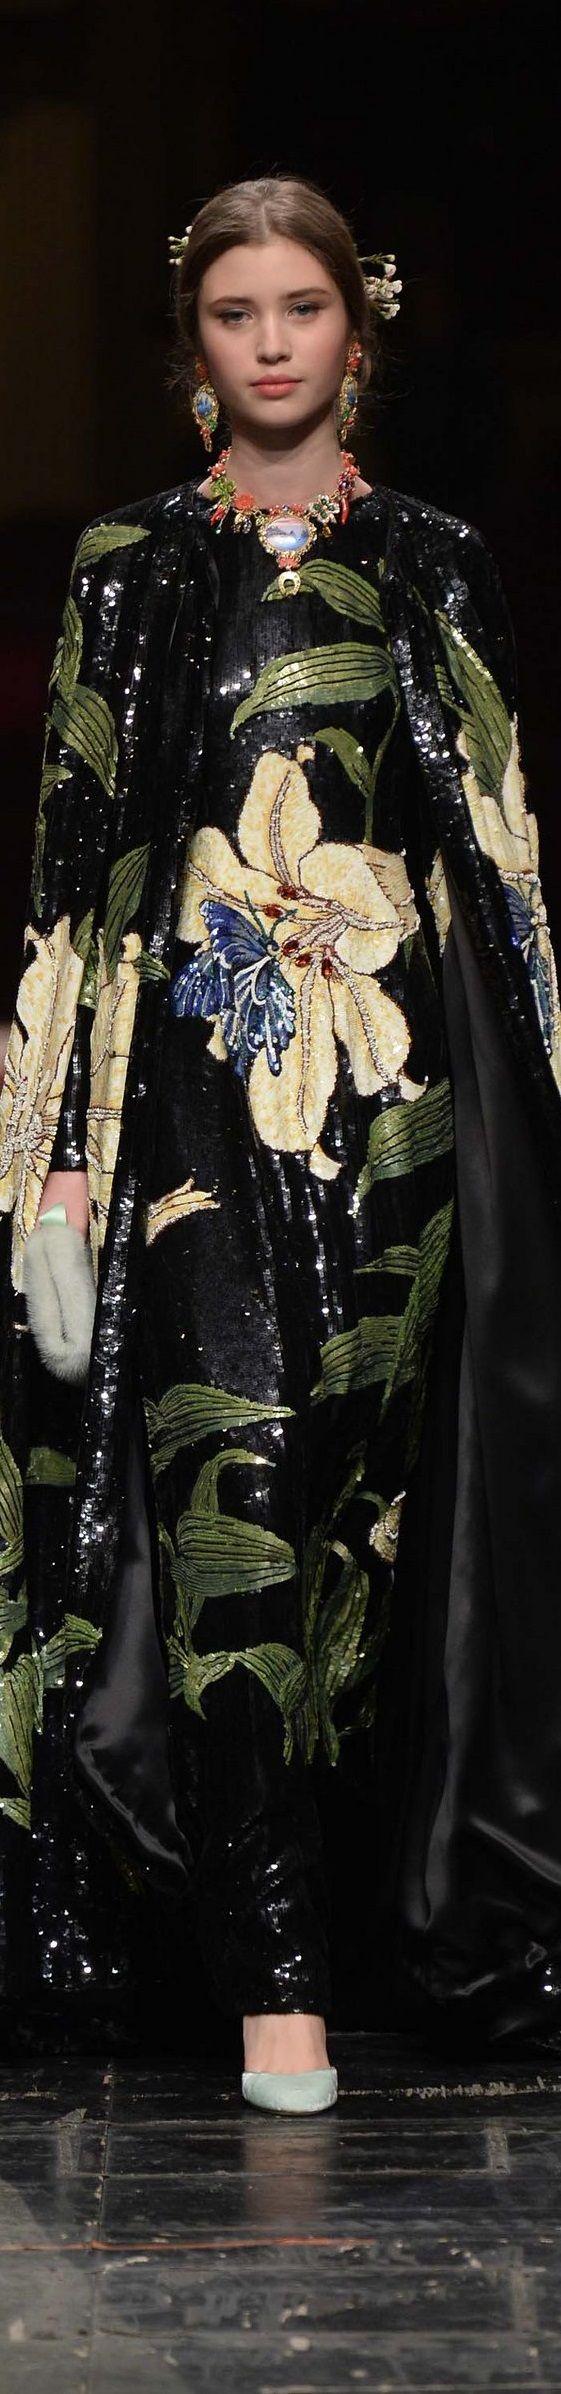 Défilé Dolce & Gabbana: Haute Couture printemps-été 2016